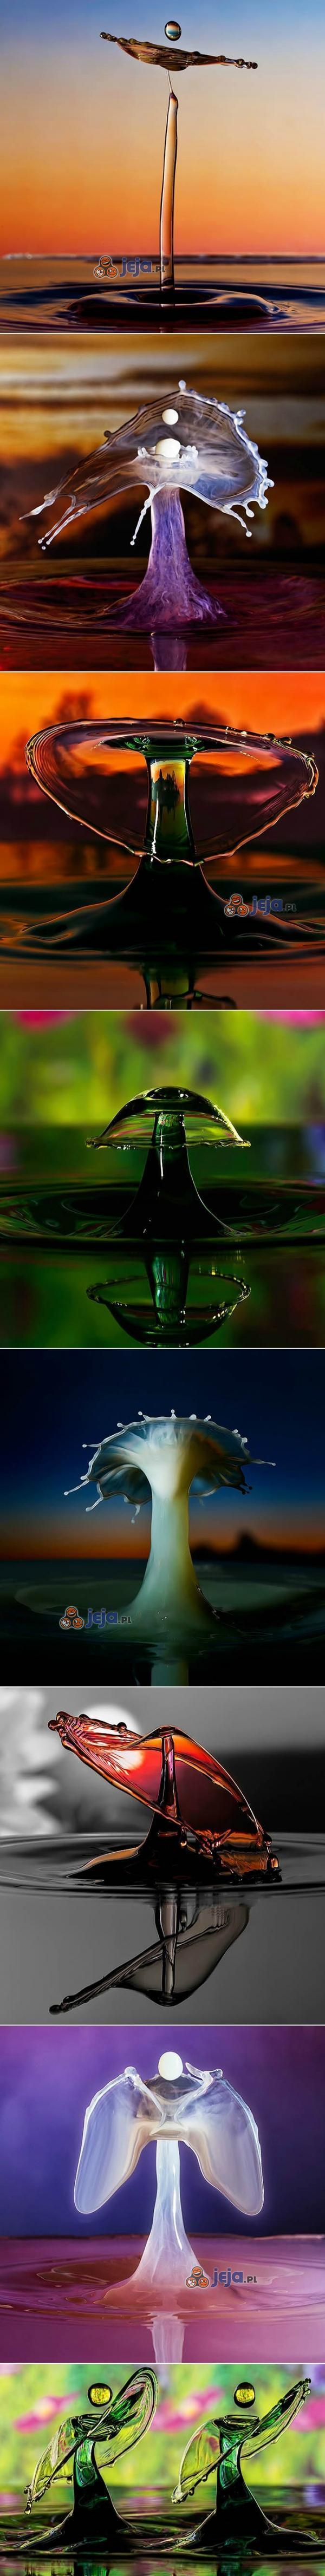 Pięknie uchwycone krople wody